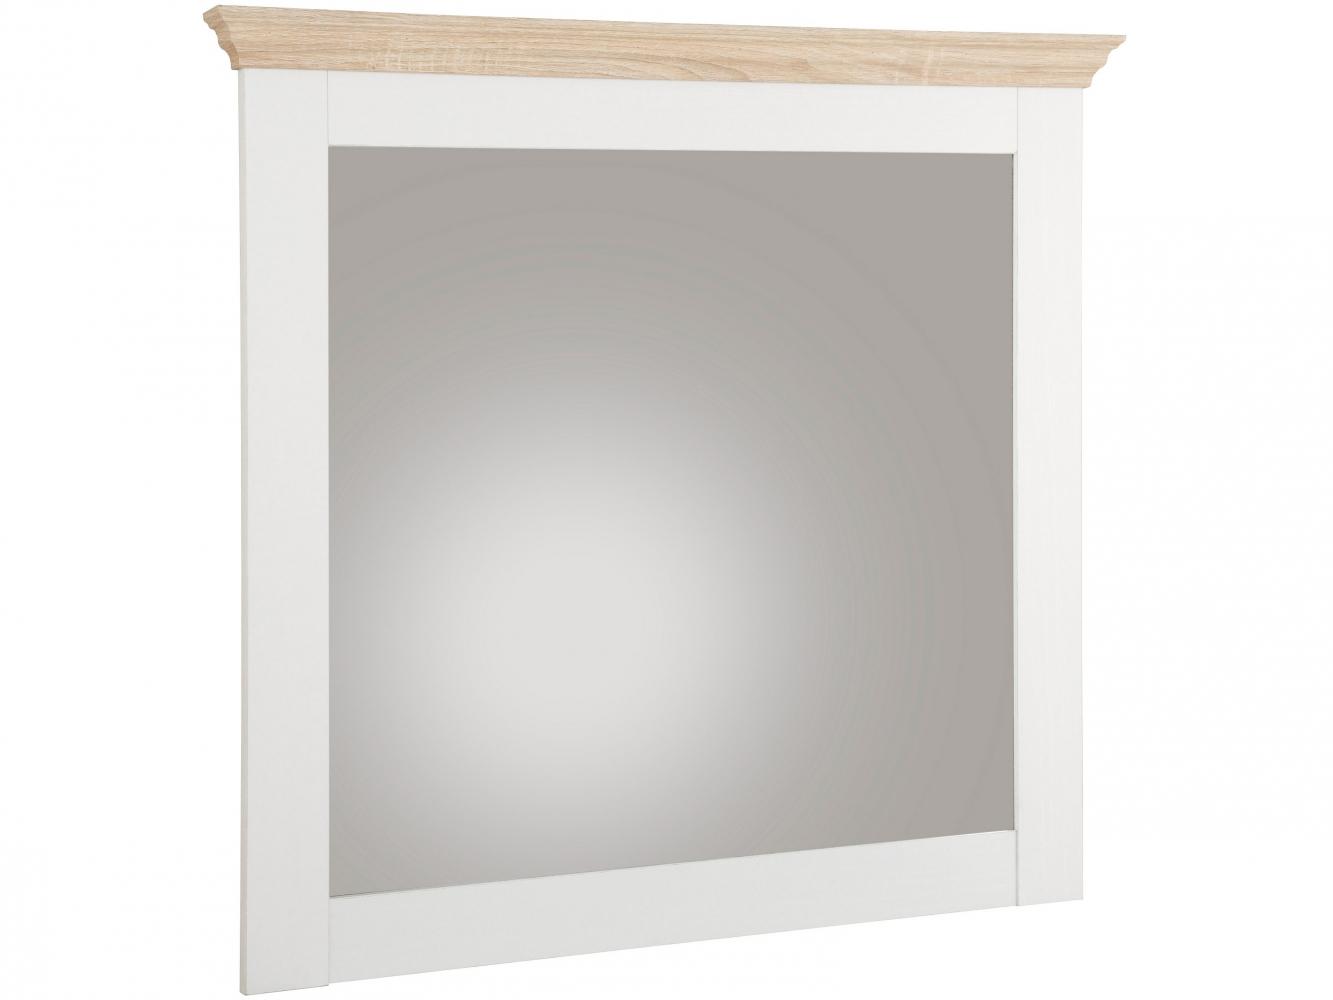 Nástěnné zrcadlo Brusel, 75 cm, bílá